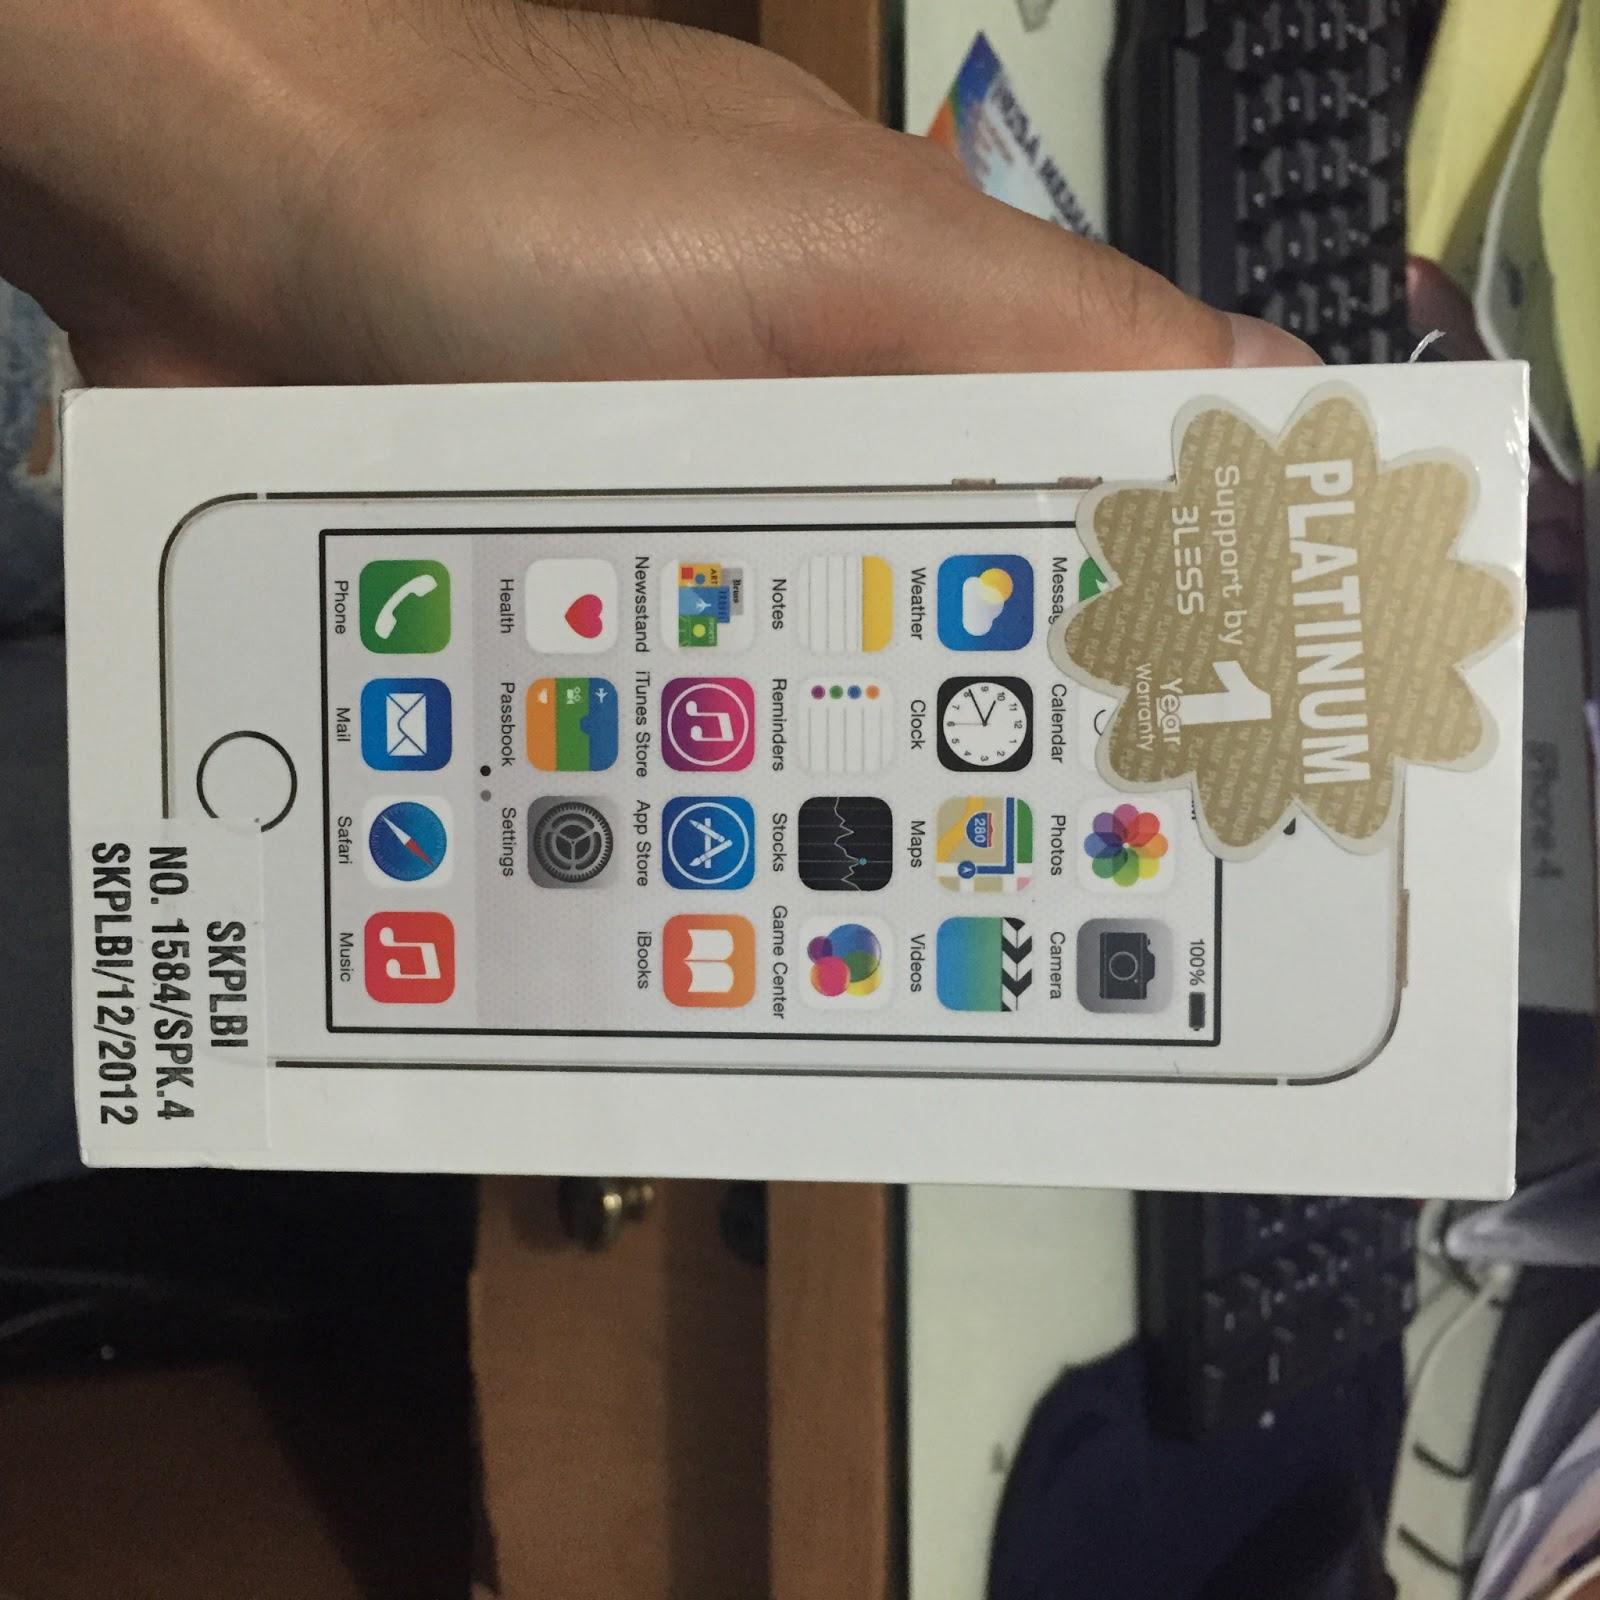 Membedakan Garansi Iphone International vs Resmi vs Distributor 8704ab9d93